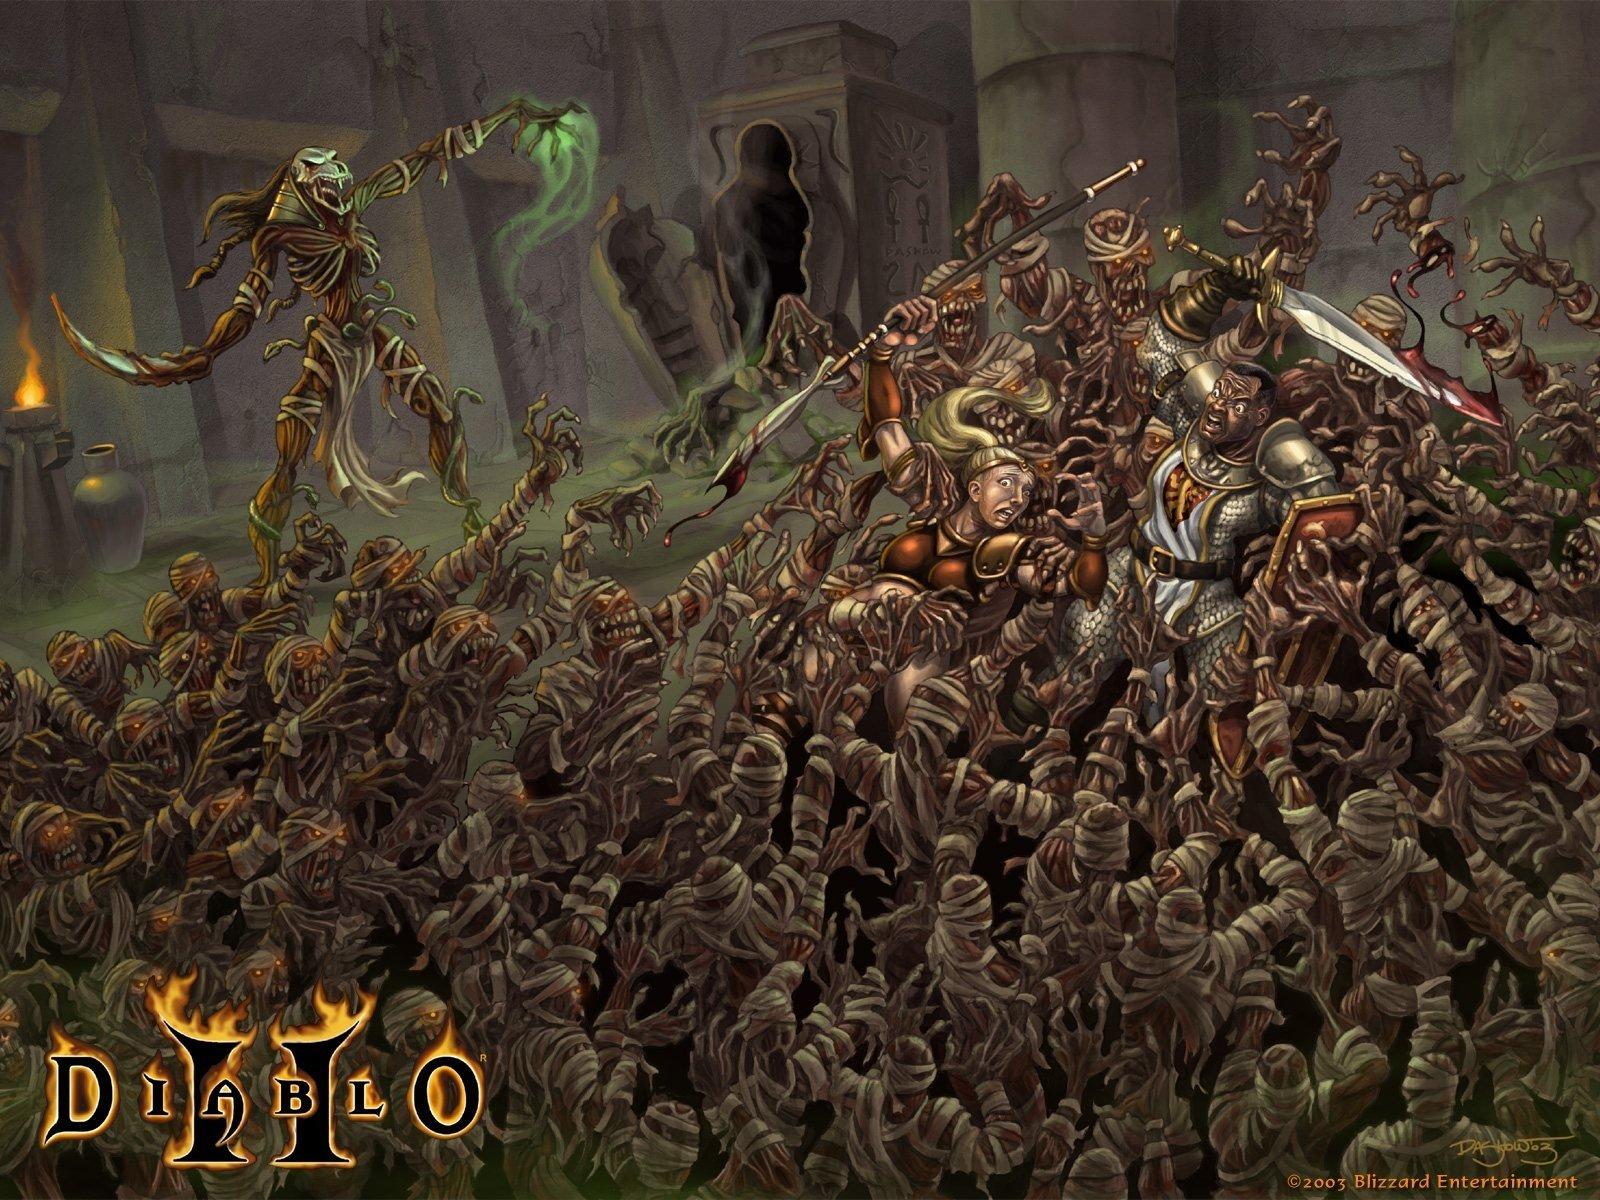 Diablo ii wallpaper and background 1600x1200 id 123385 - Diablo 2 lord of destruction wallpaper ...